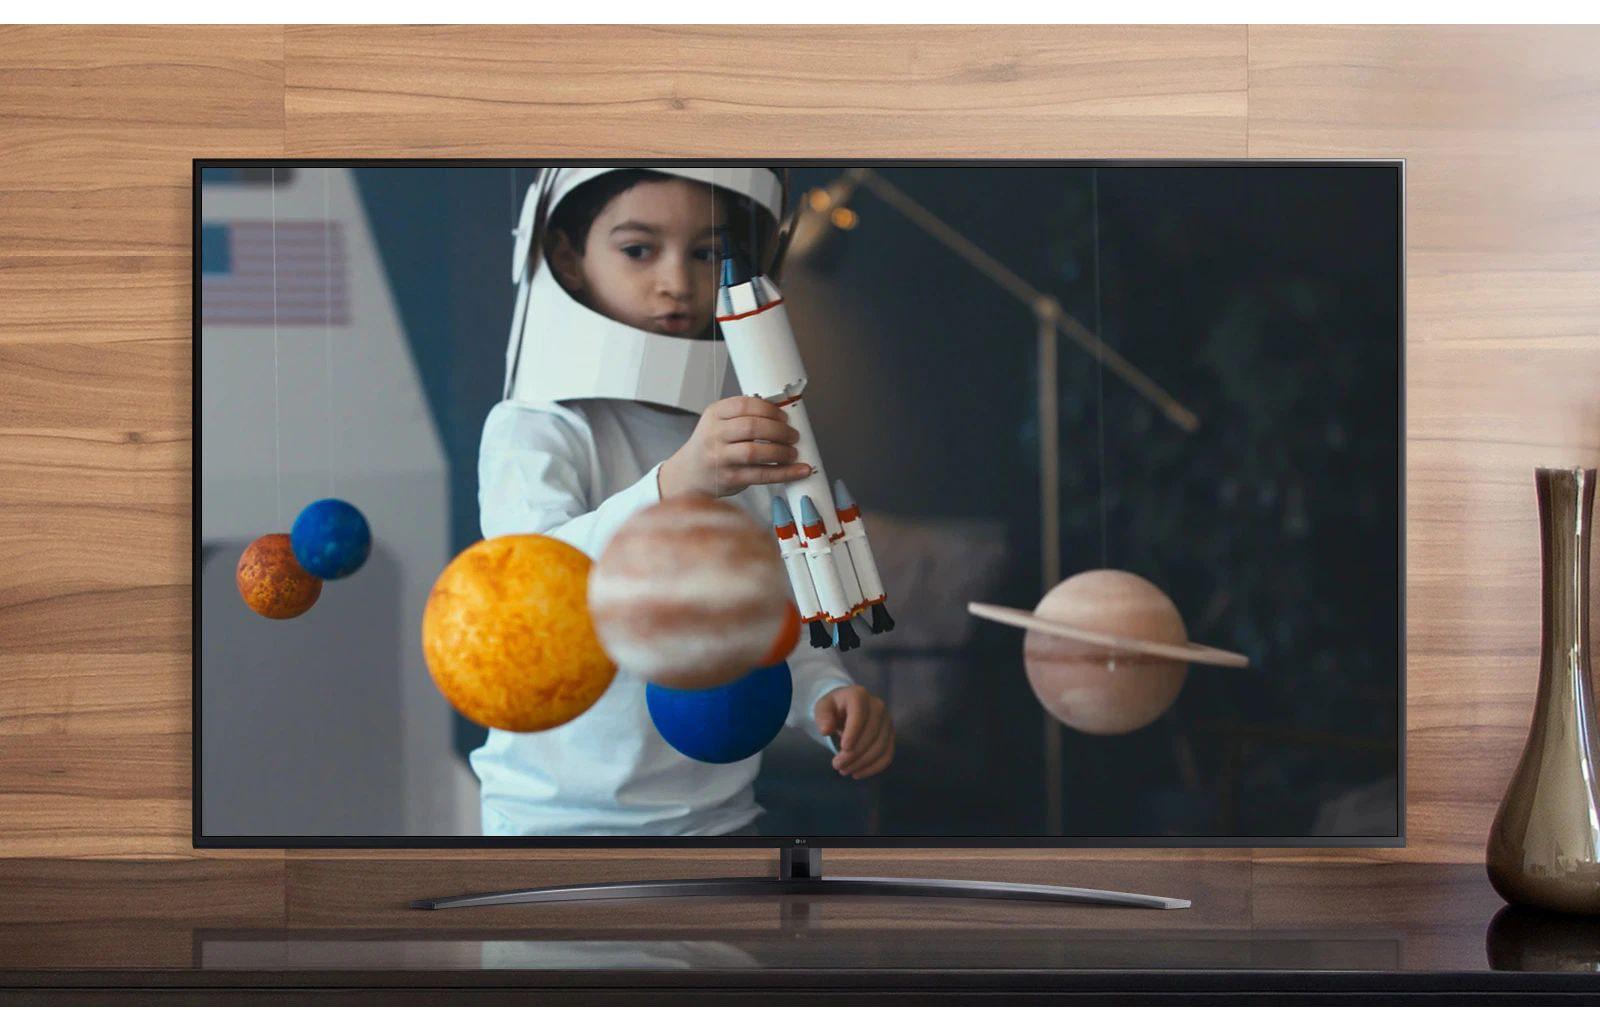 Een tv-scherm speelt een video af van een jongen in een zelfgemaakt astronautenpak die met een ruimteschip speelt in zijn kamer die versierd is met miniaturen van planeten (speel de video af)